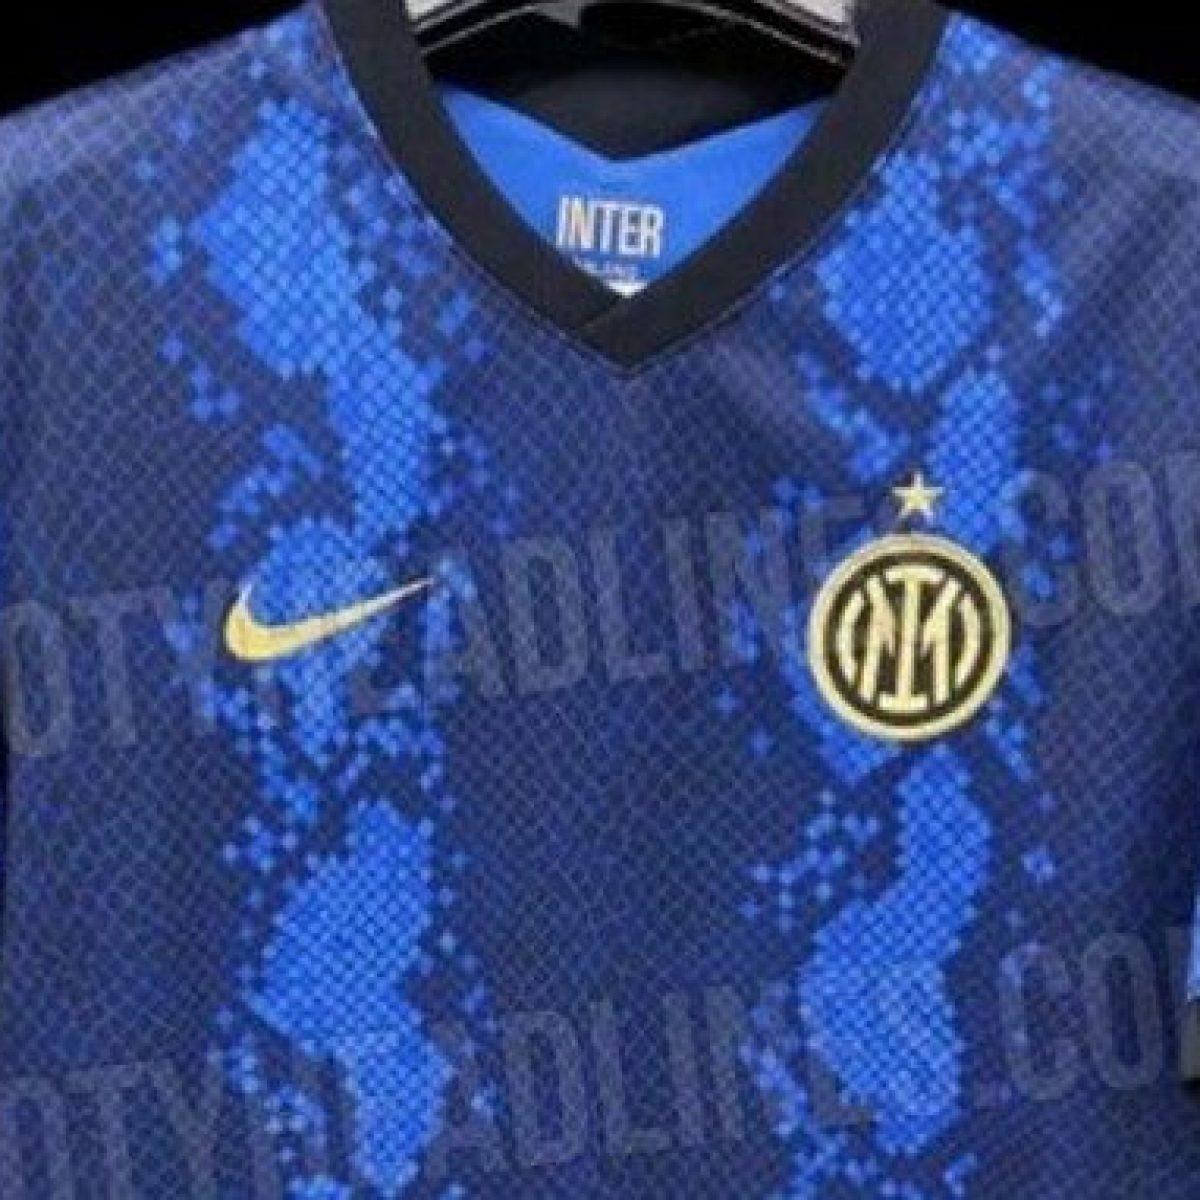 La possibile nuova maglia dell'Inter: senza il nero e con la trama ...